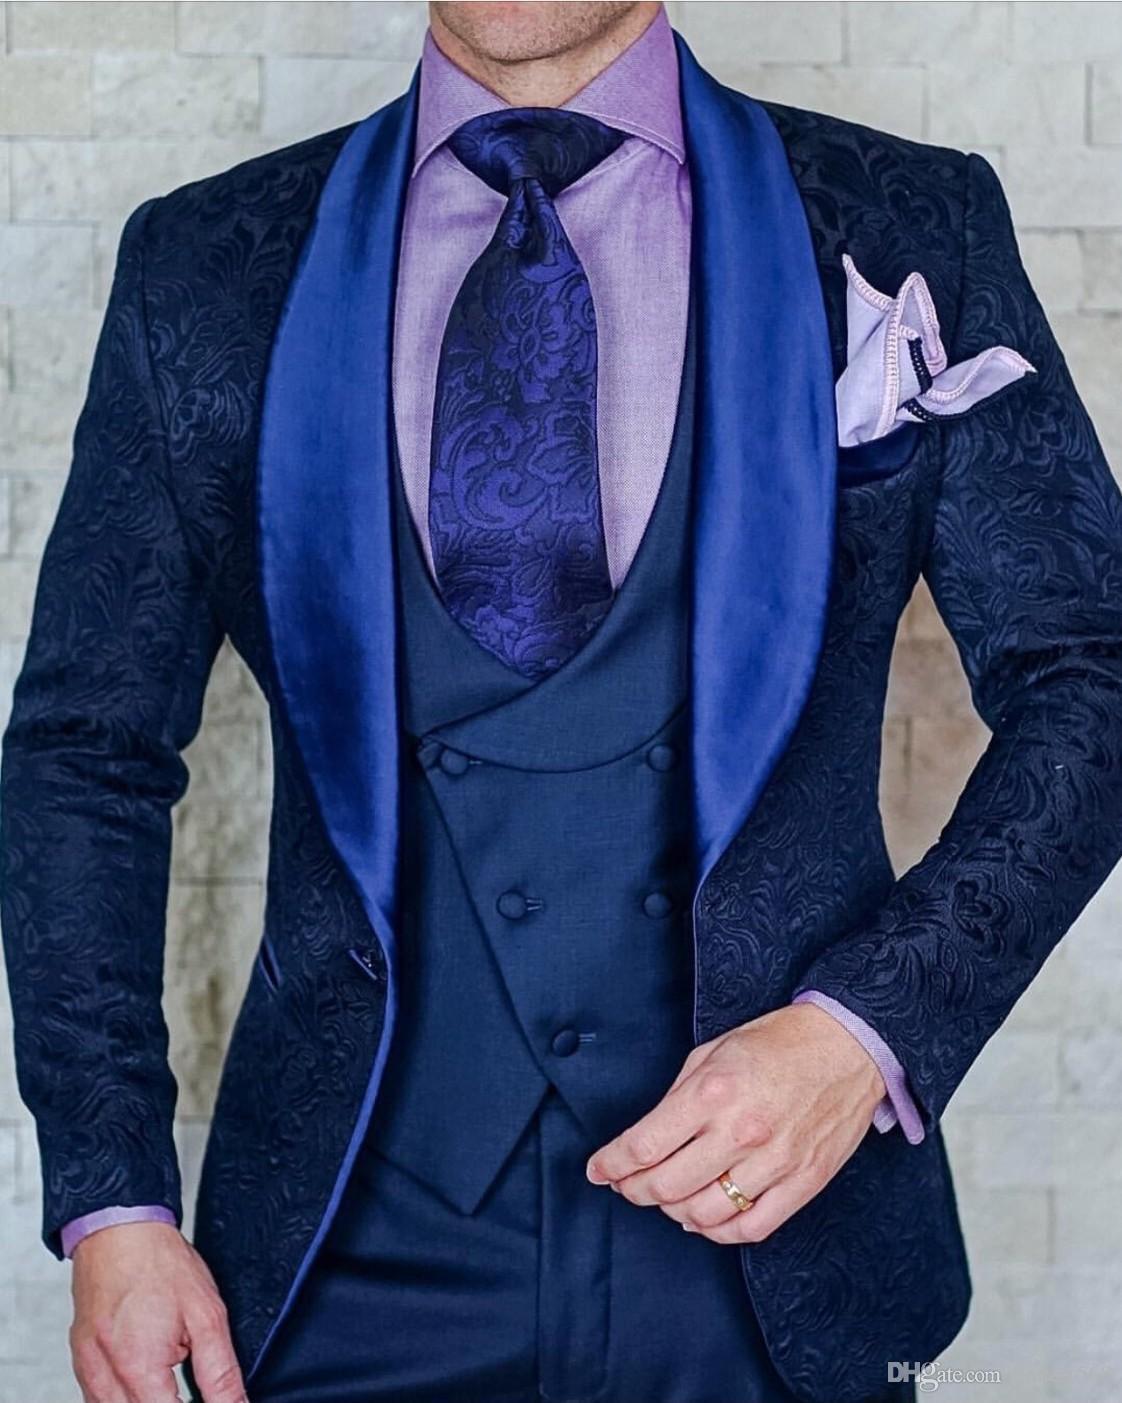 Bonito Gravando Padrinhos Xaile Lapela Do Noivo Smoking Ternos Dos Homens de Casamento / Baile / Jantar Melhor Homem Blazer (Jacket + Pants + Tie + Vest) 162